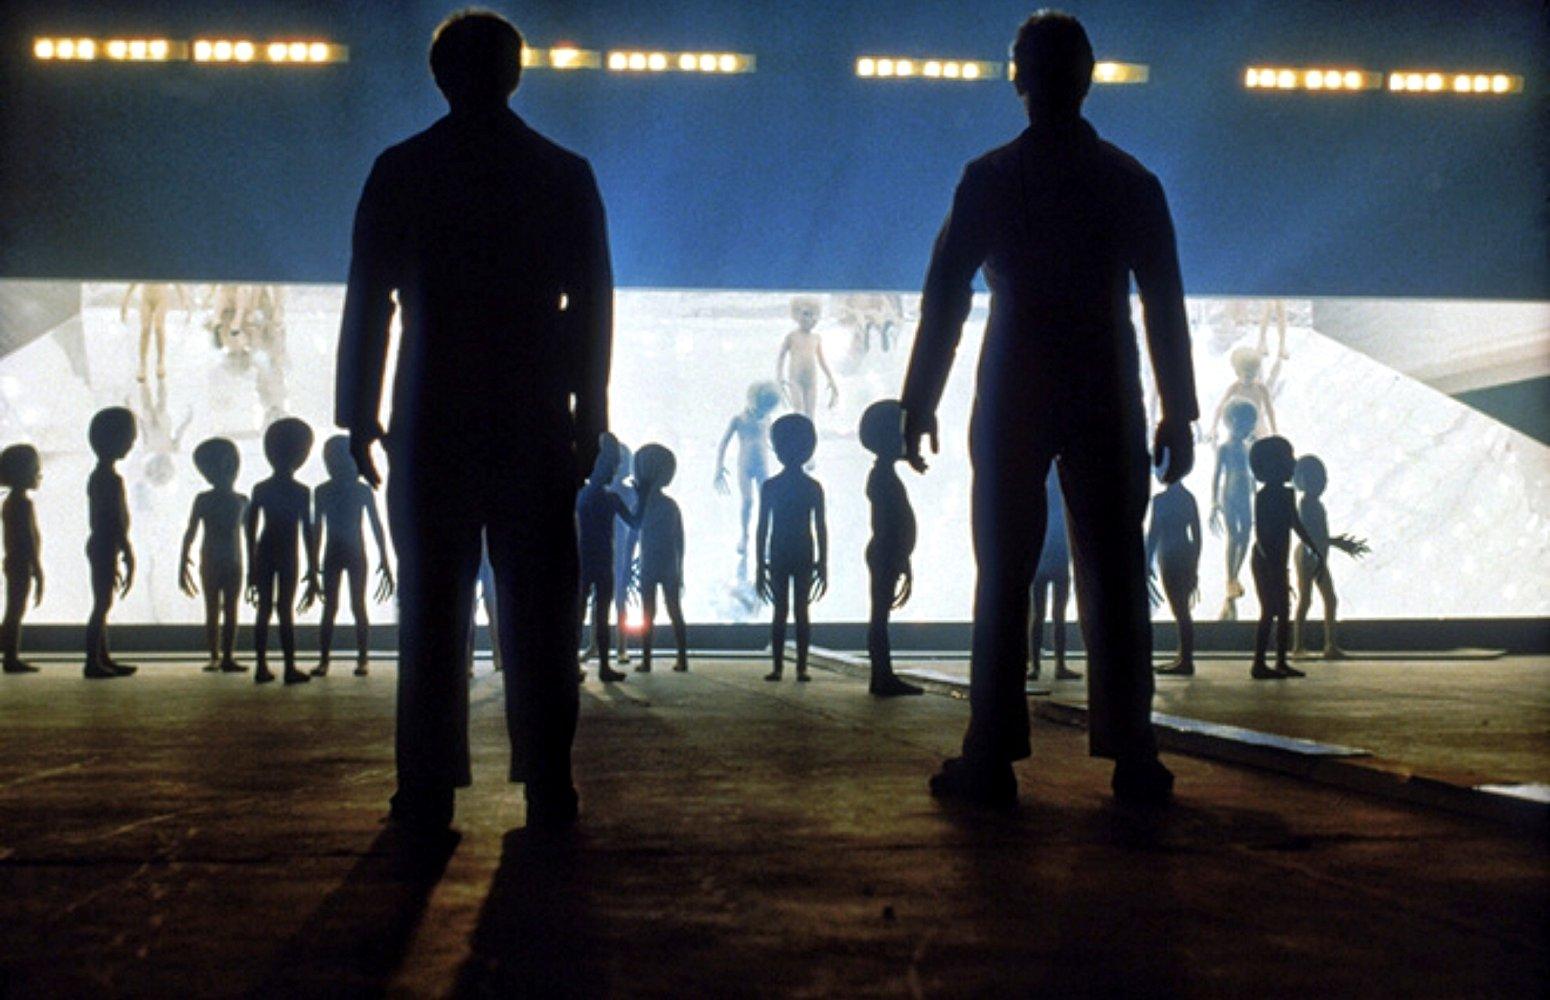 Dans le futur nous vivrons avec une communauté galactique – David Parcerisa